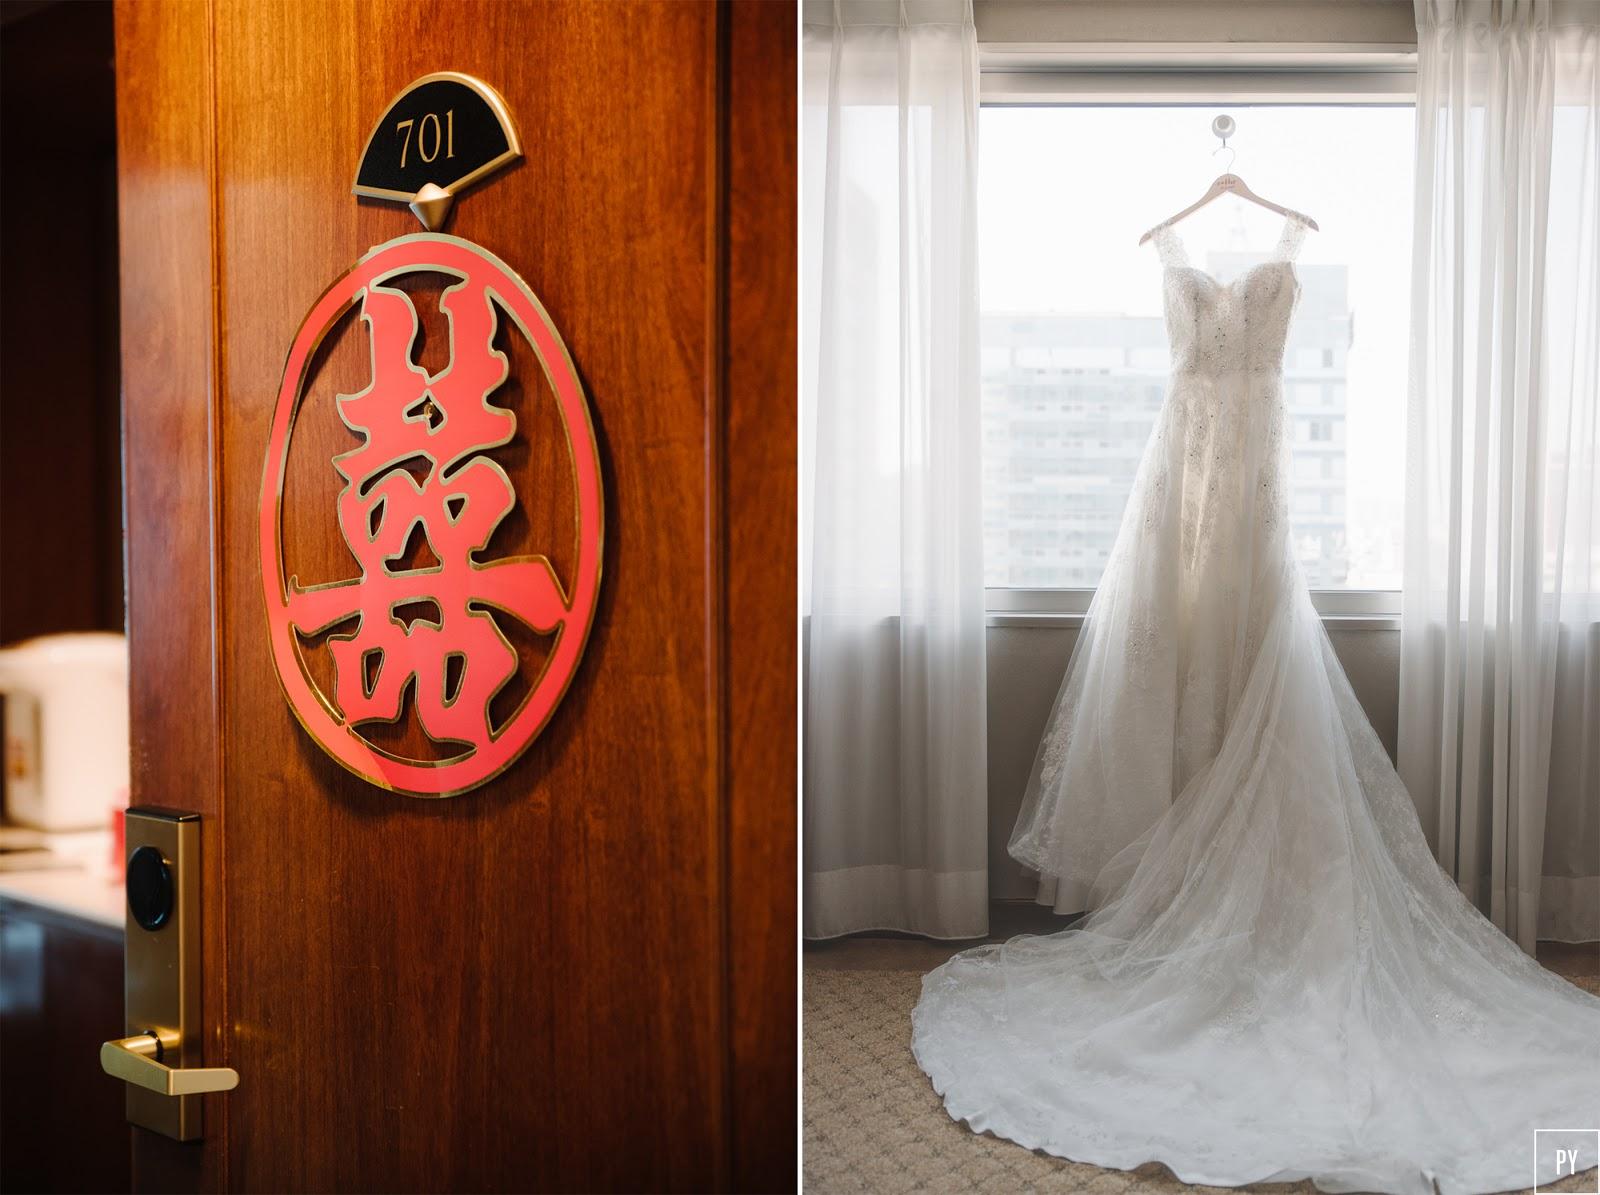 台中婚攝 婚攝推薦 長榮桂冠 evergreenhotels 結婚午宴 M&C